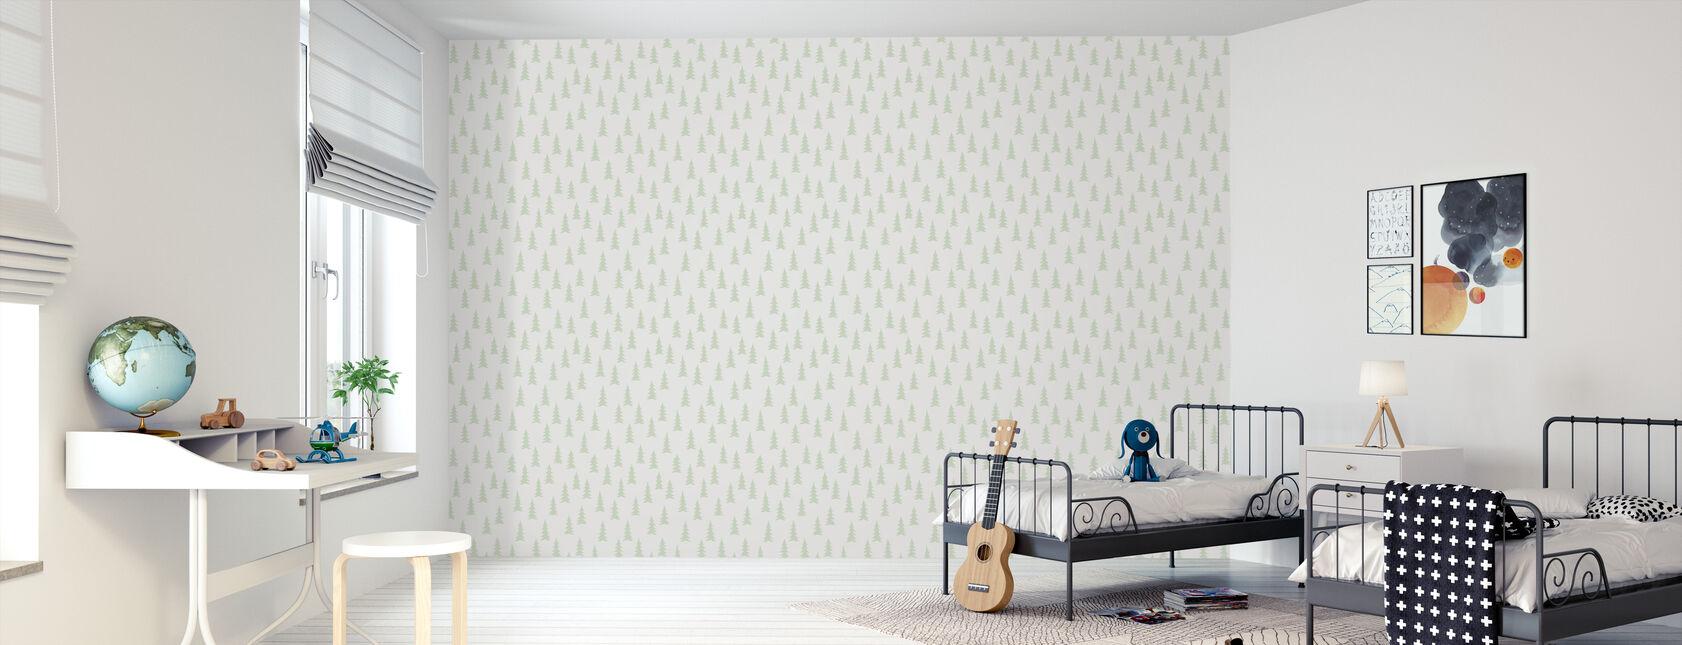 Gran - Saltsten - Wallpaper - Kids Room